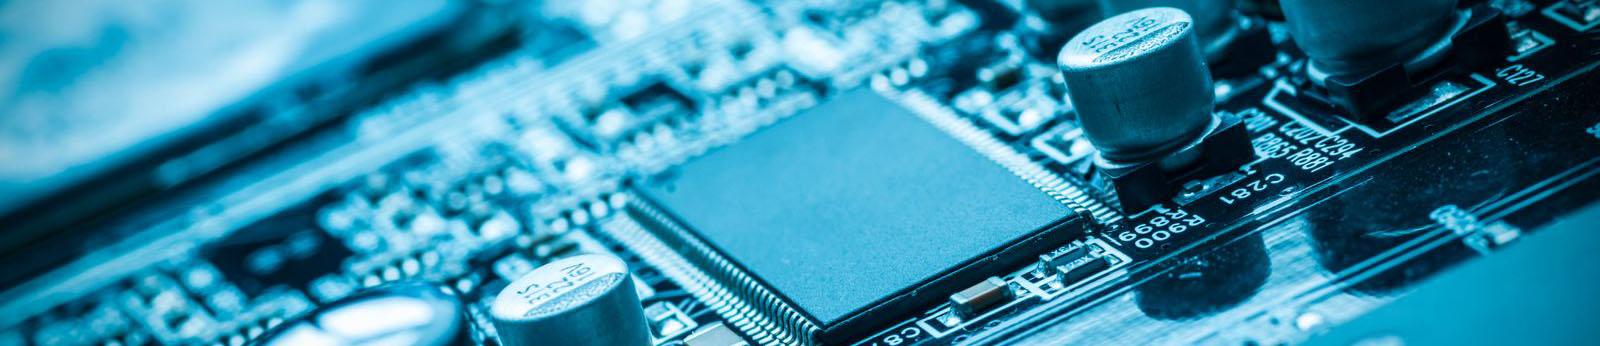 Reinigungstücher für die Elektronikdustrie